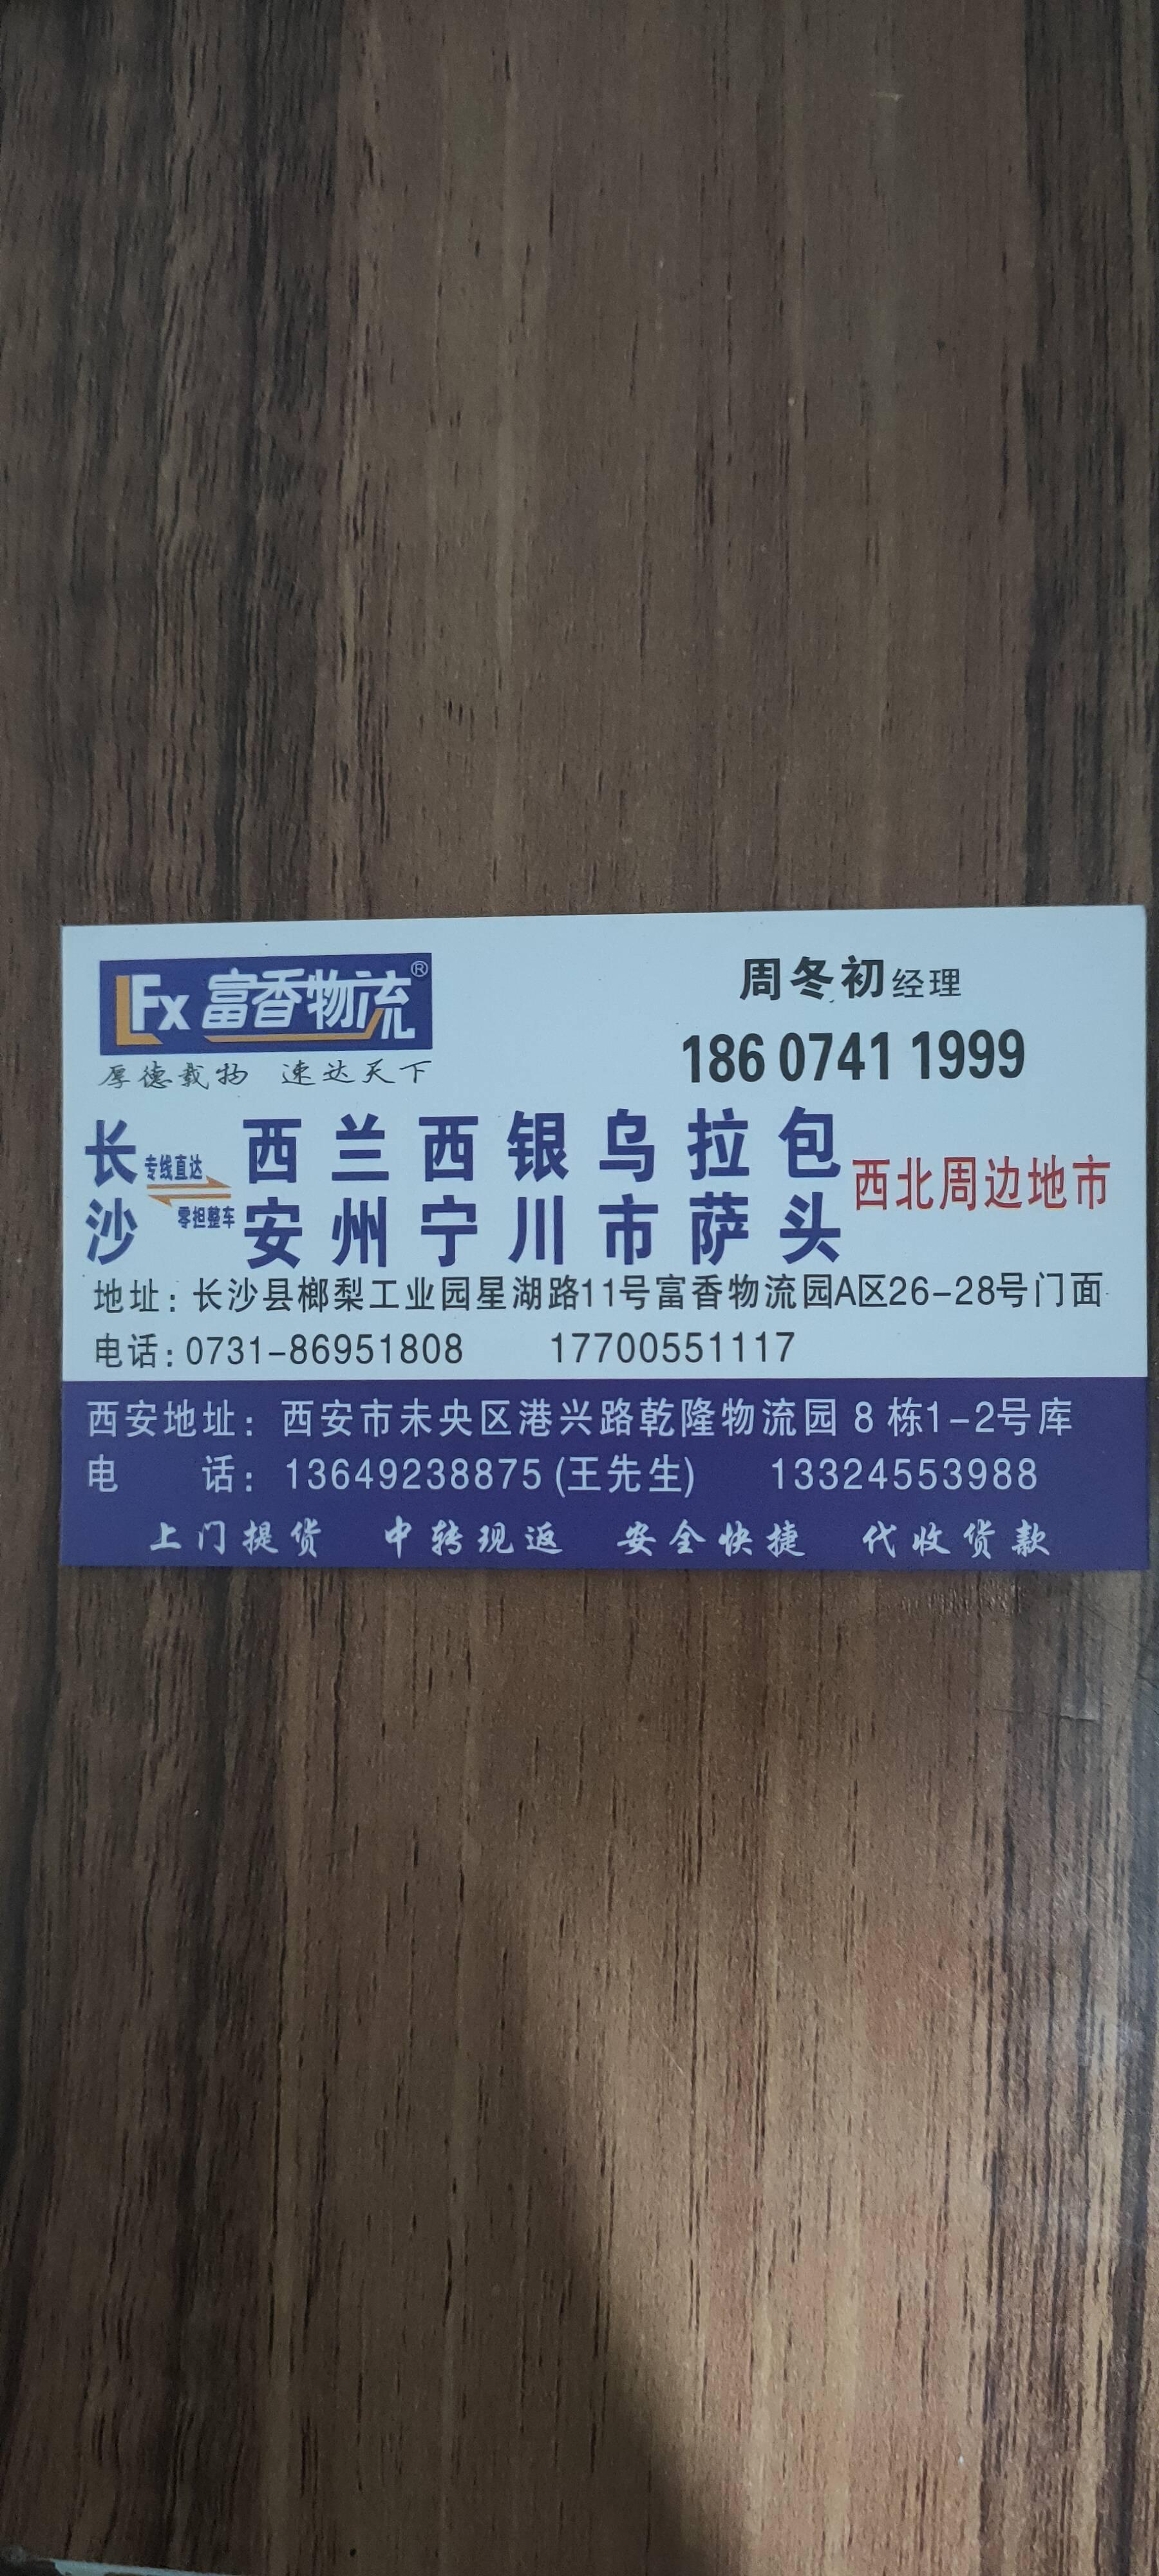 富香物流 长沙县至新城区专线物流货运公司 查56物流信息平台